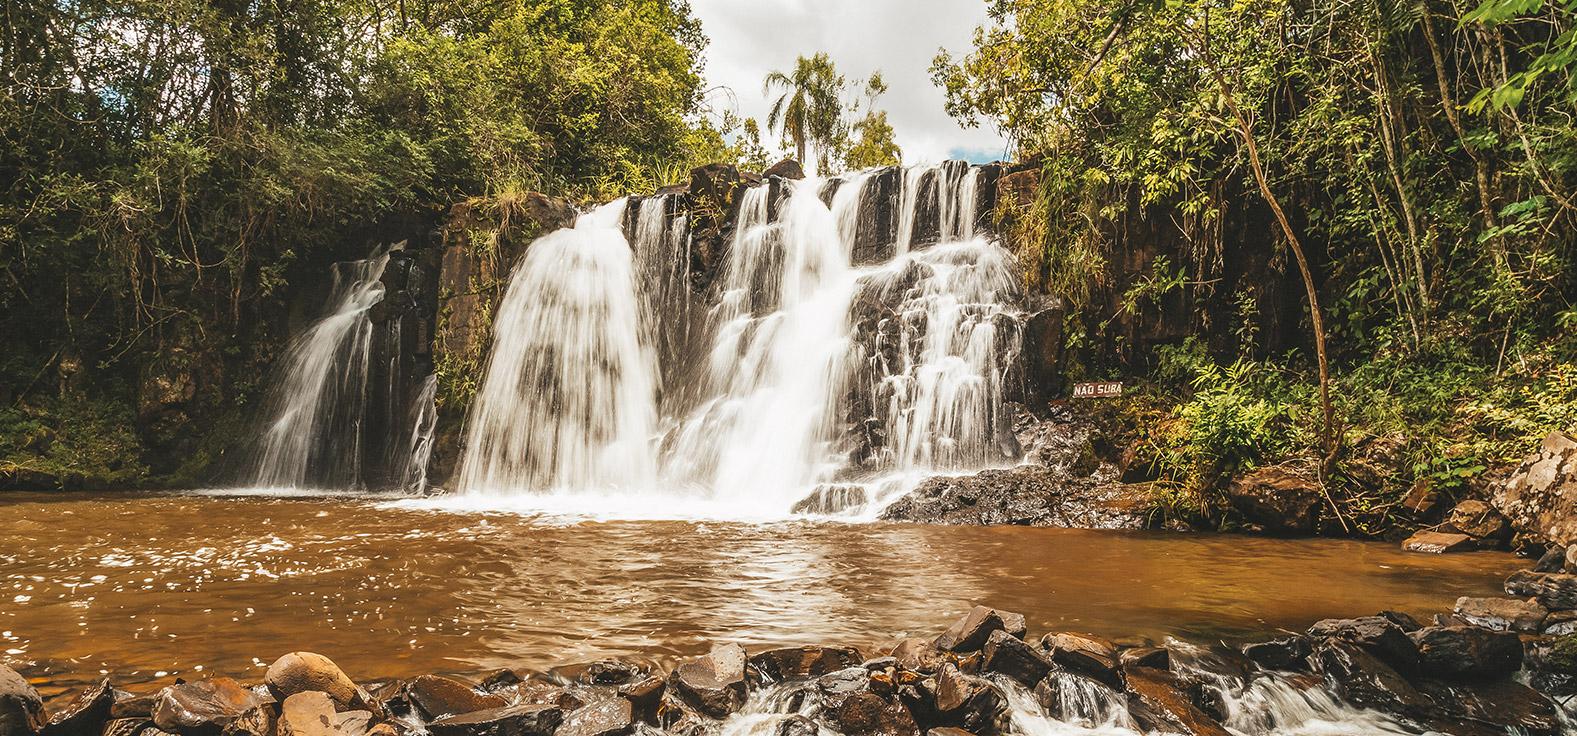 Cachoeira Bom Sucesso em Torrinha | Portal Serra do Itaquerí